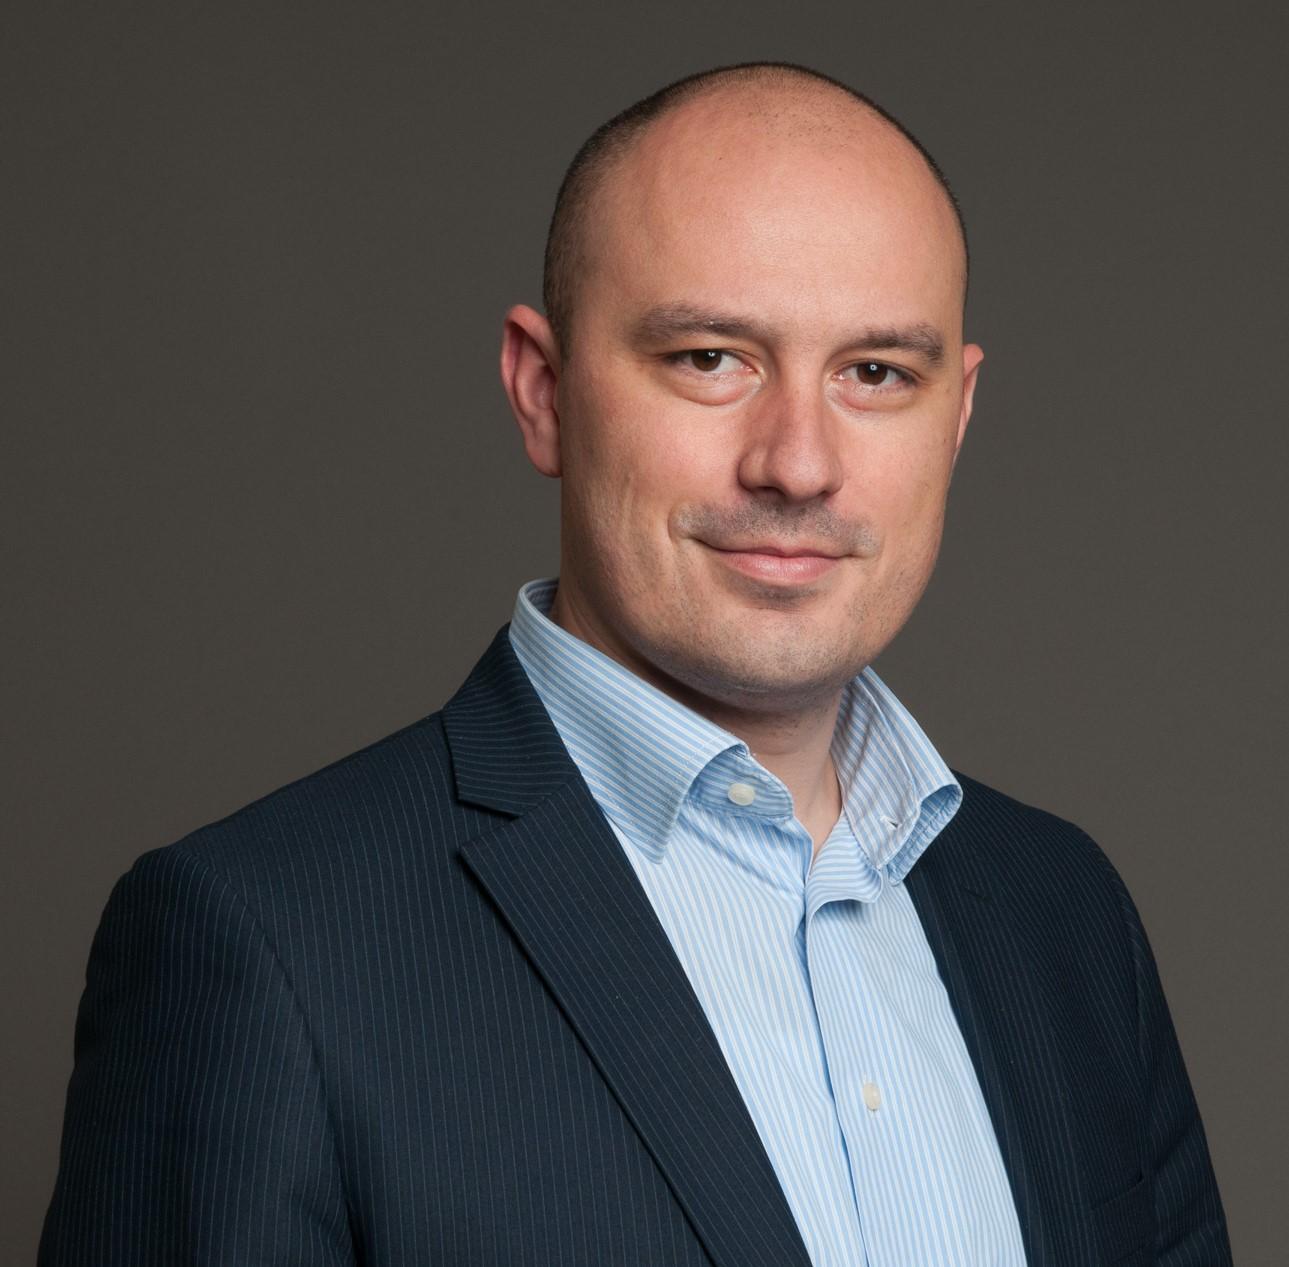 Mihai Zant, Reviro: Antreprenoriatul nu este despre idee şi intenţie, ci este despre execuţie